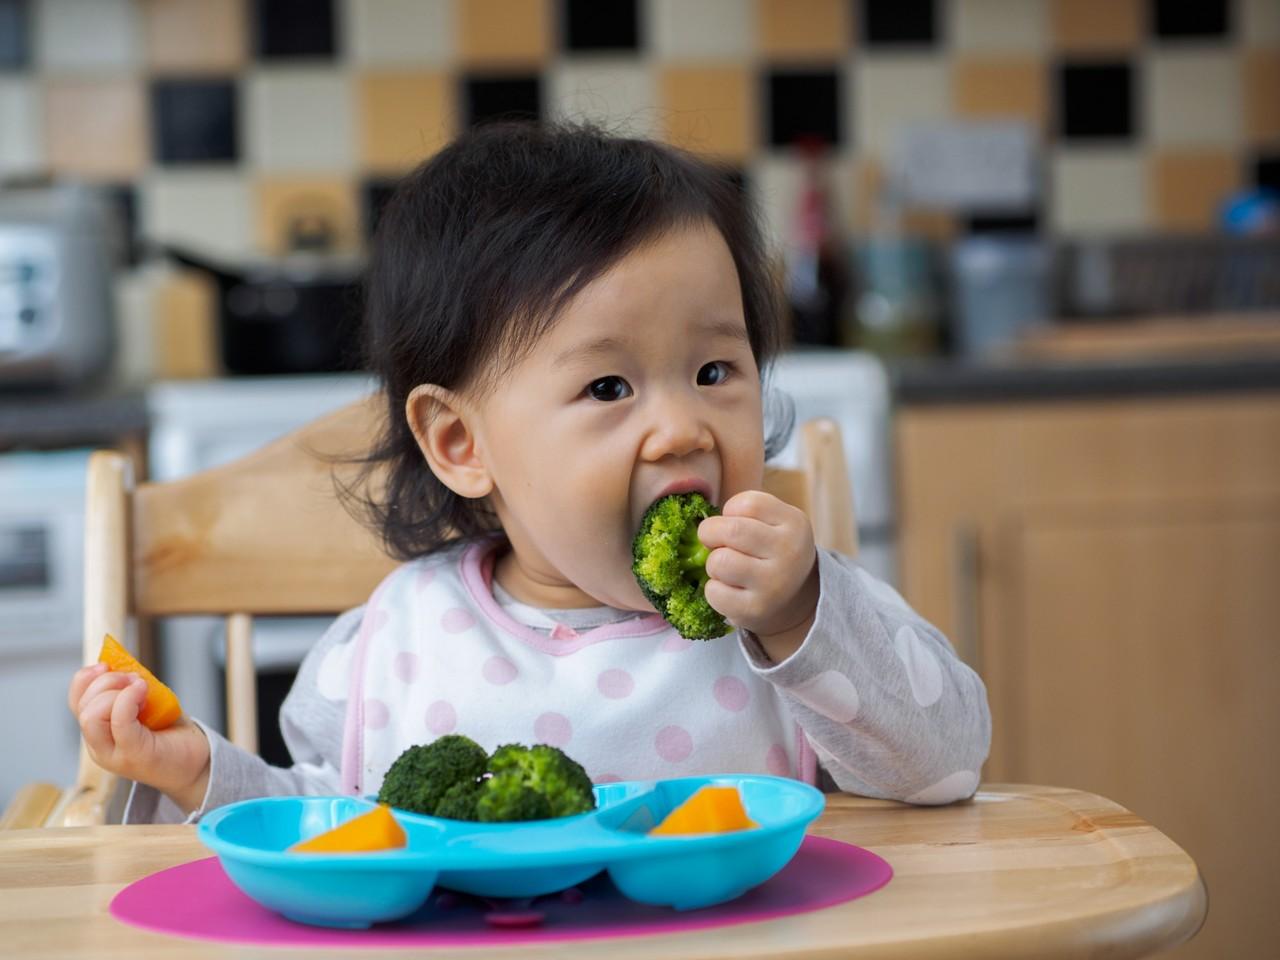 Child eat veg